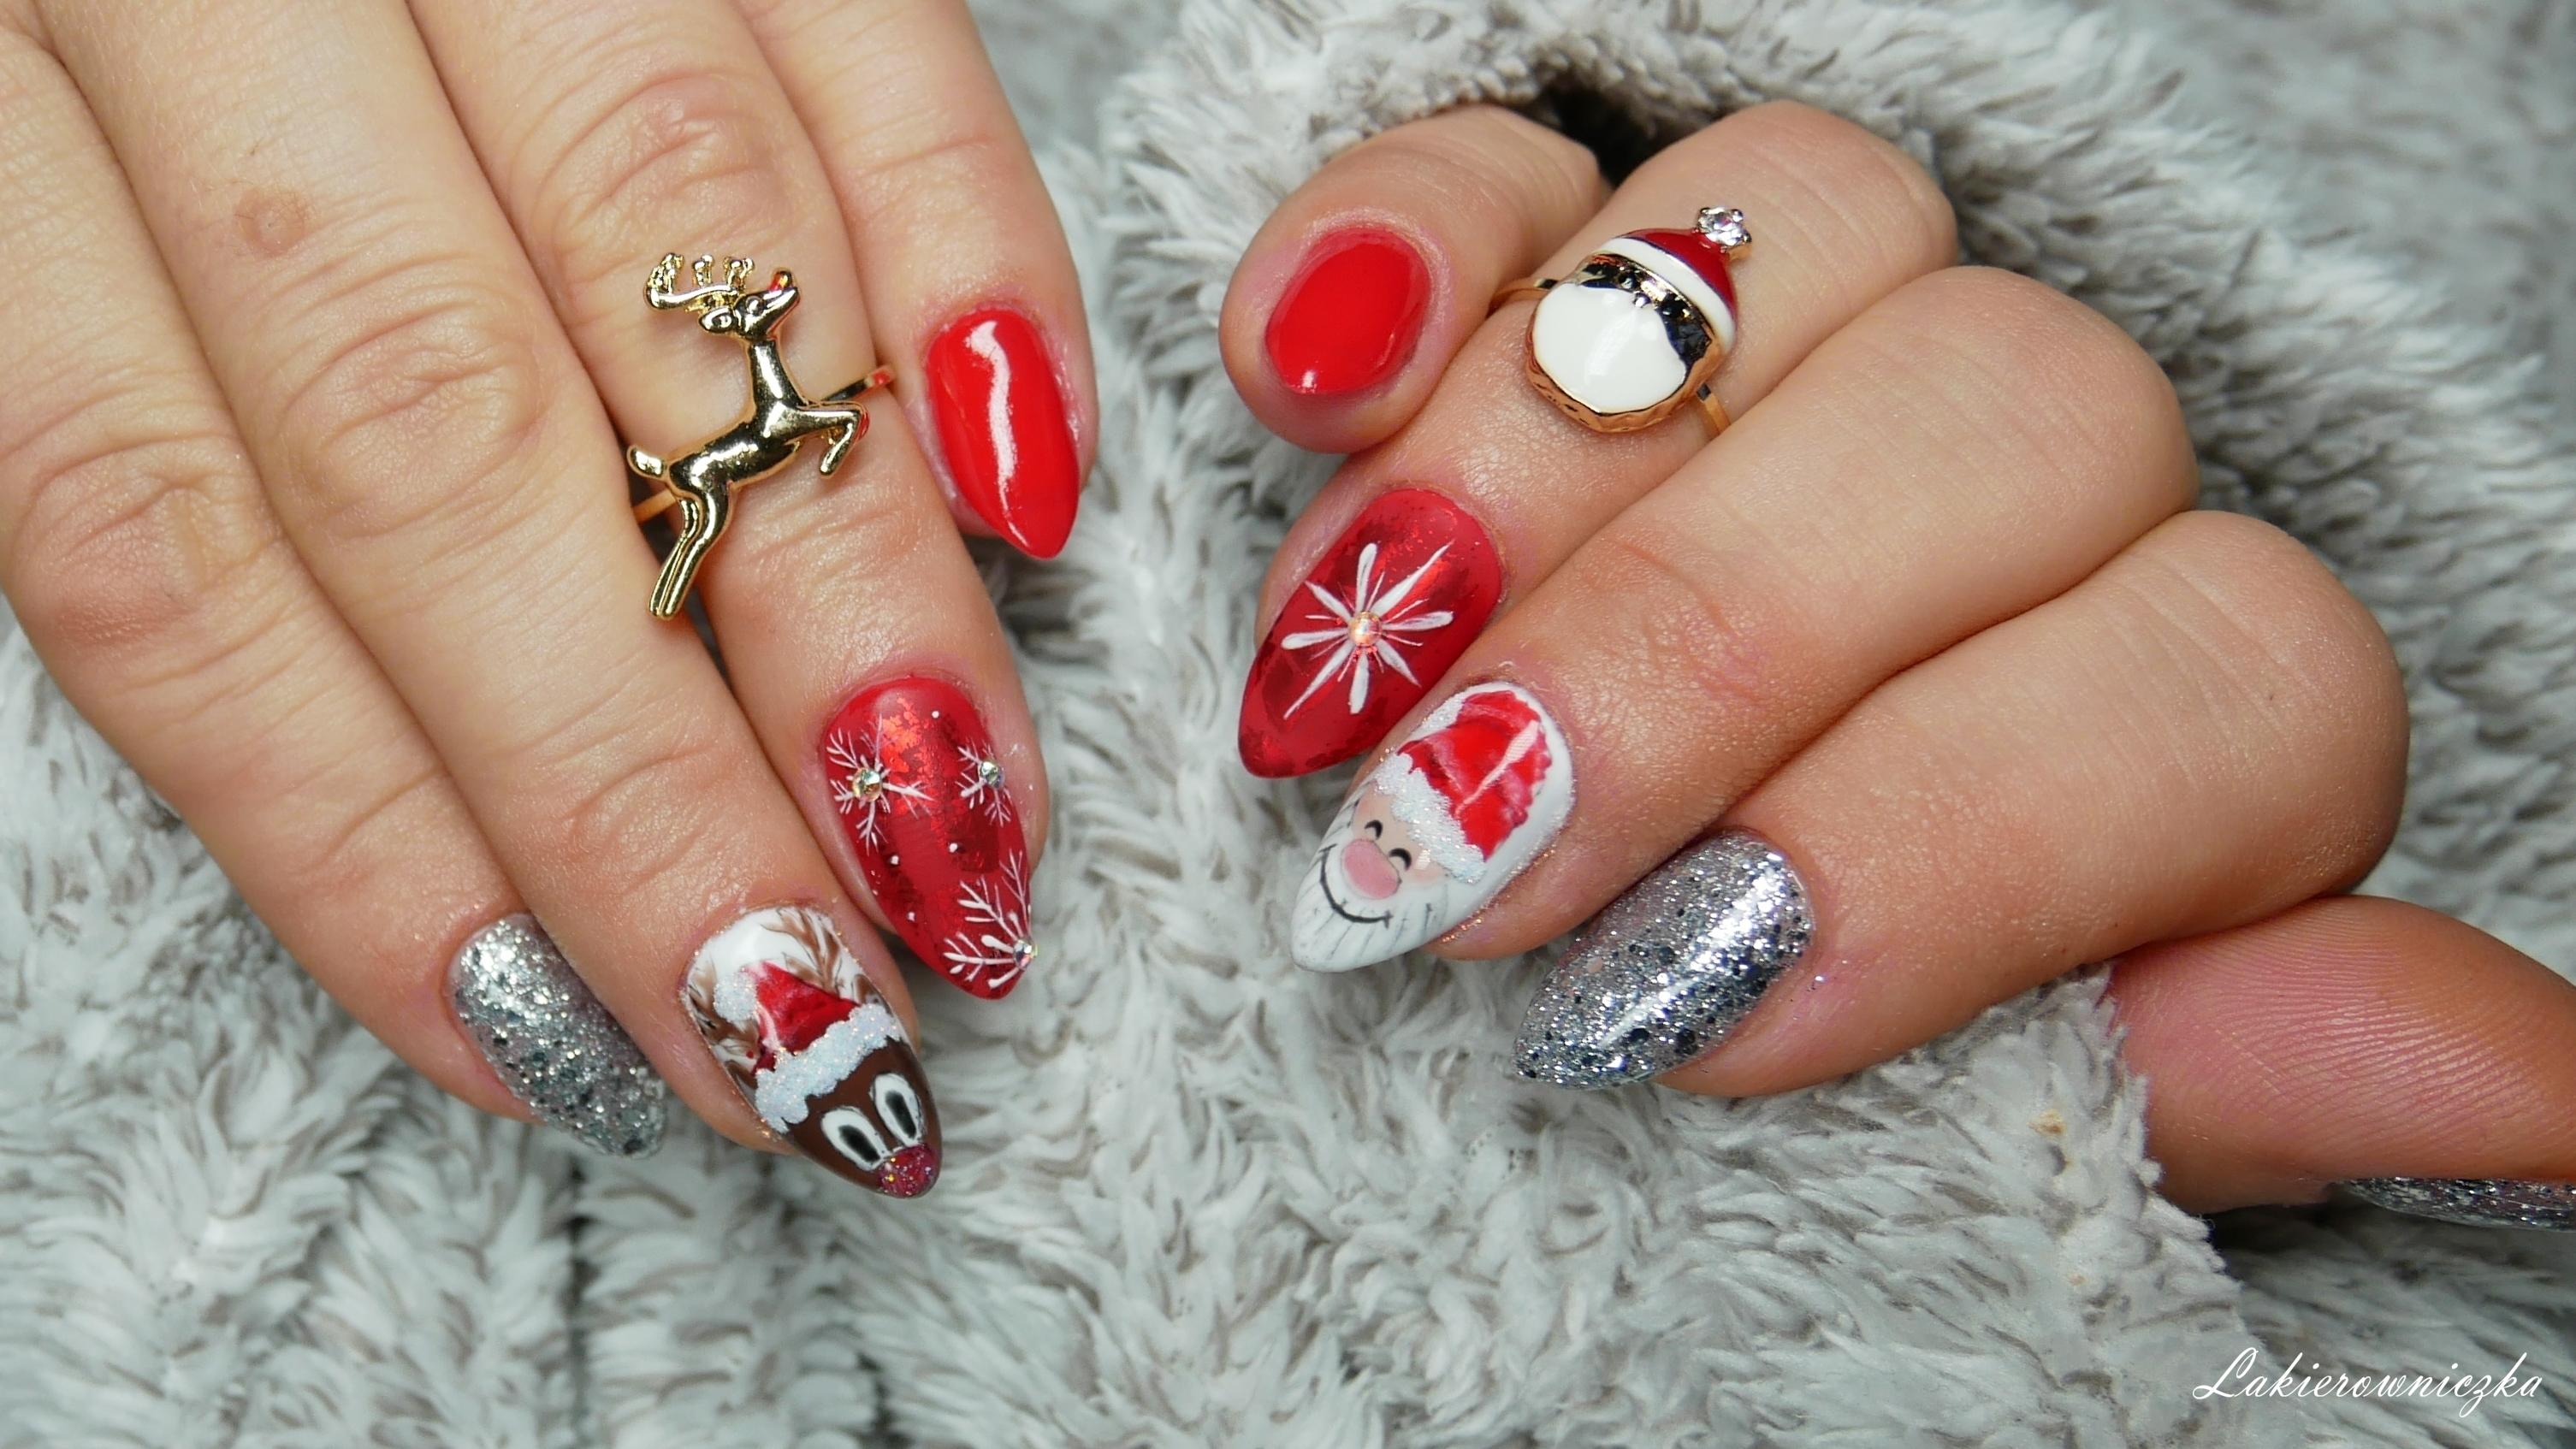 renifer-na-paznokciach-hybrydowych-czerwone-hybrydy-Neess-7426-czerwony-to-RED-Święty-Mikołaj-śnieżynki-srebro-Lakierowniczka